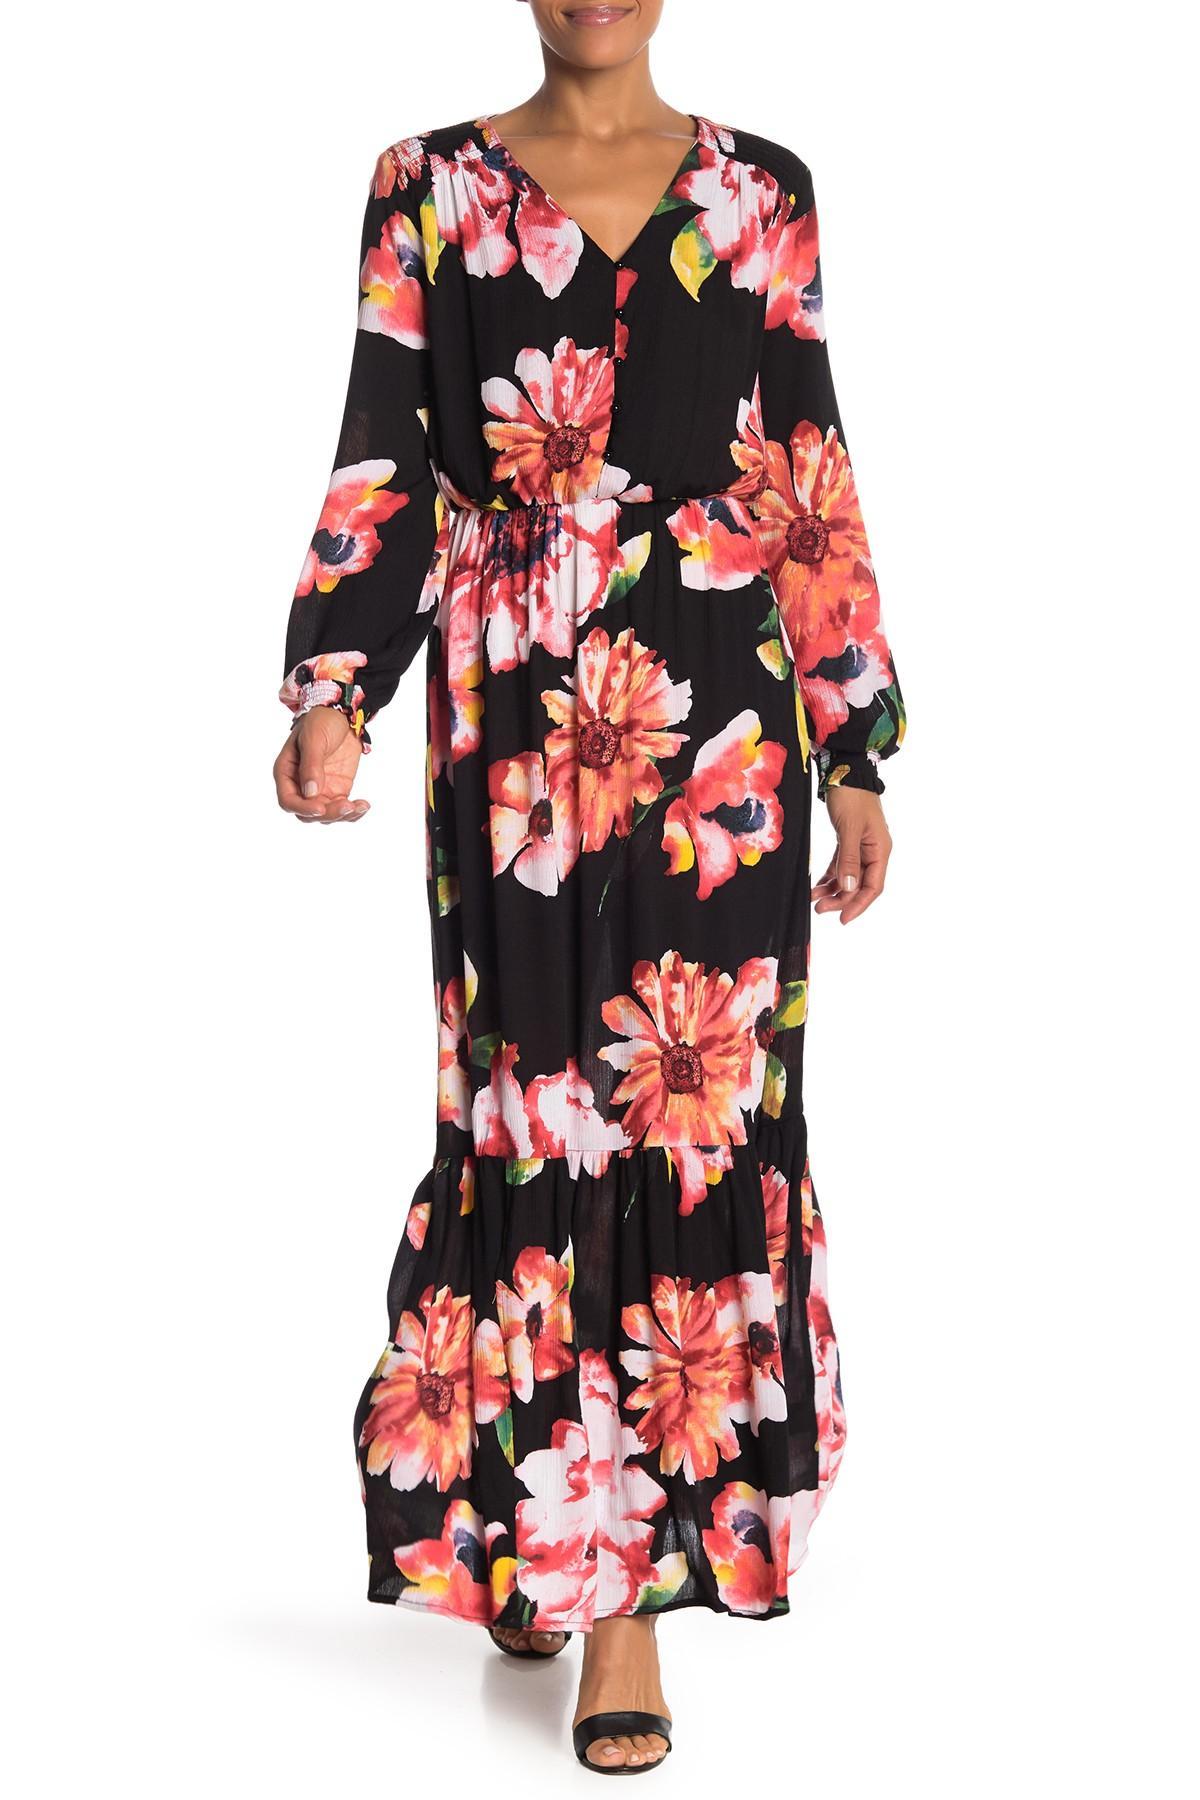 938d3eda639d3d Eci. Women s Floral Printed Maxi Dress